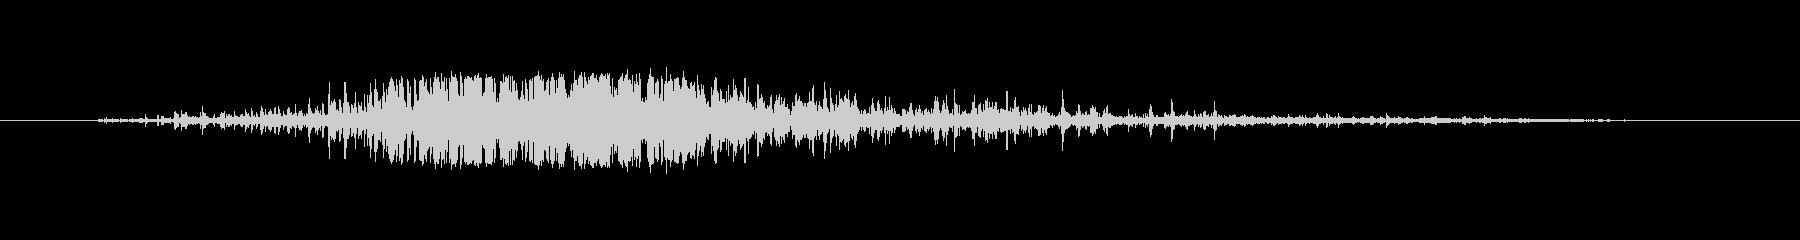 ソープボックスダービーカー:ロール...の未再生の波形